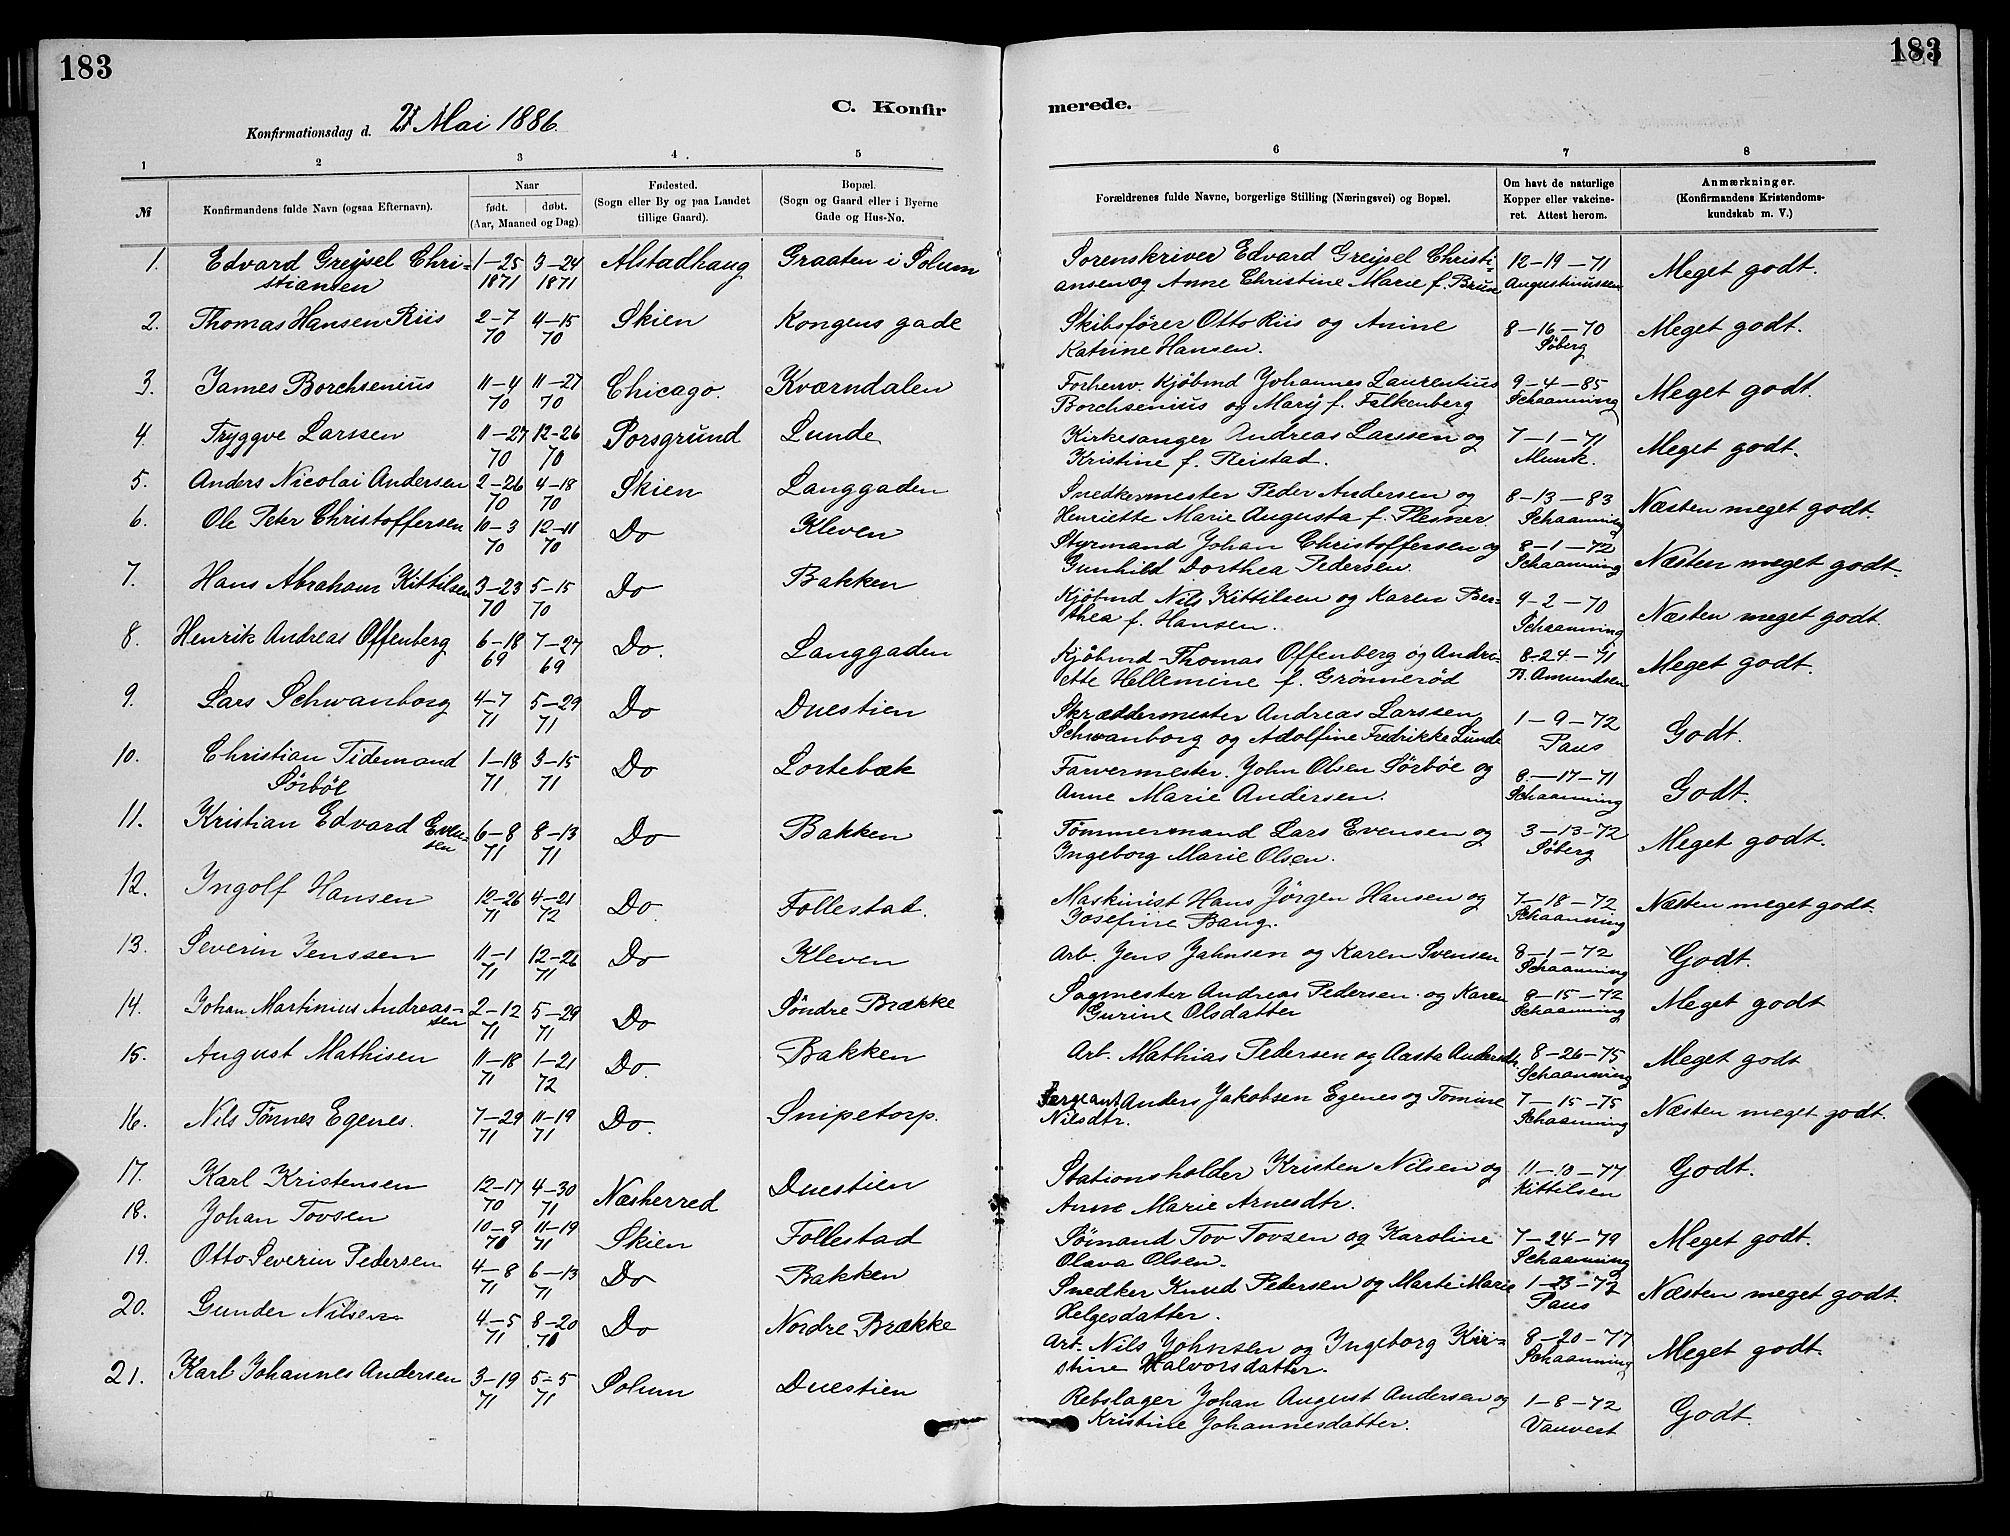 SAKO, Skien kirkebøker, G/Ga/L0006: Klokkerbok nr. 6, 1881-1890, s. 183